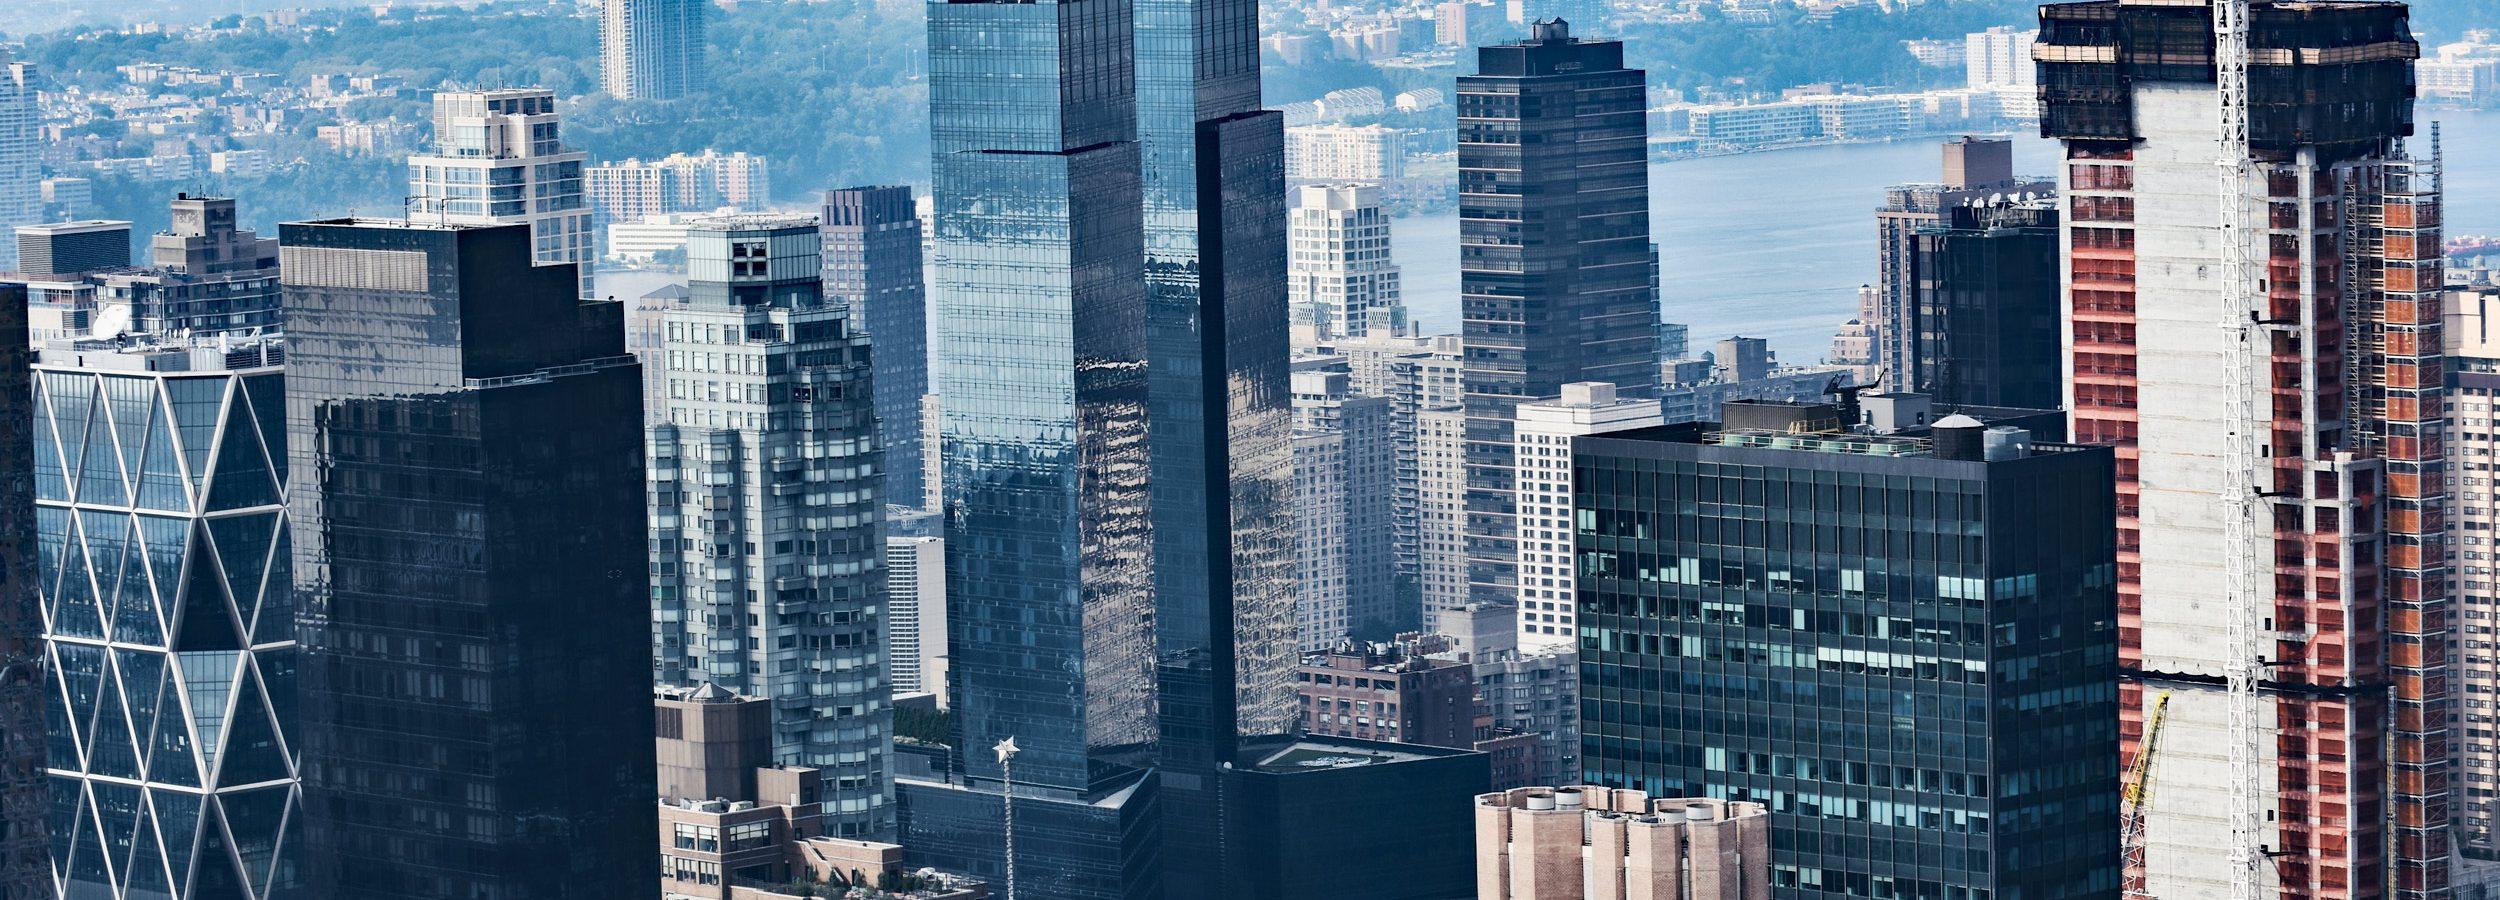 Widok z platformy widokowej Rockefeller Center, NY